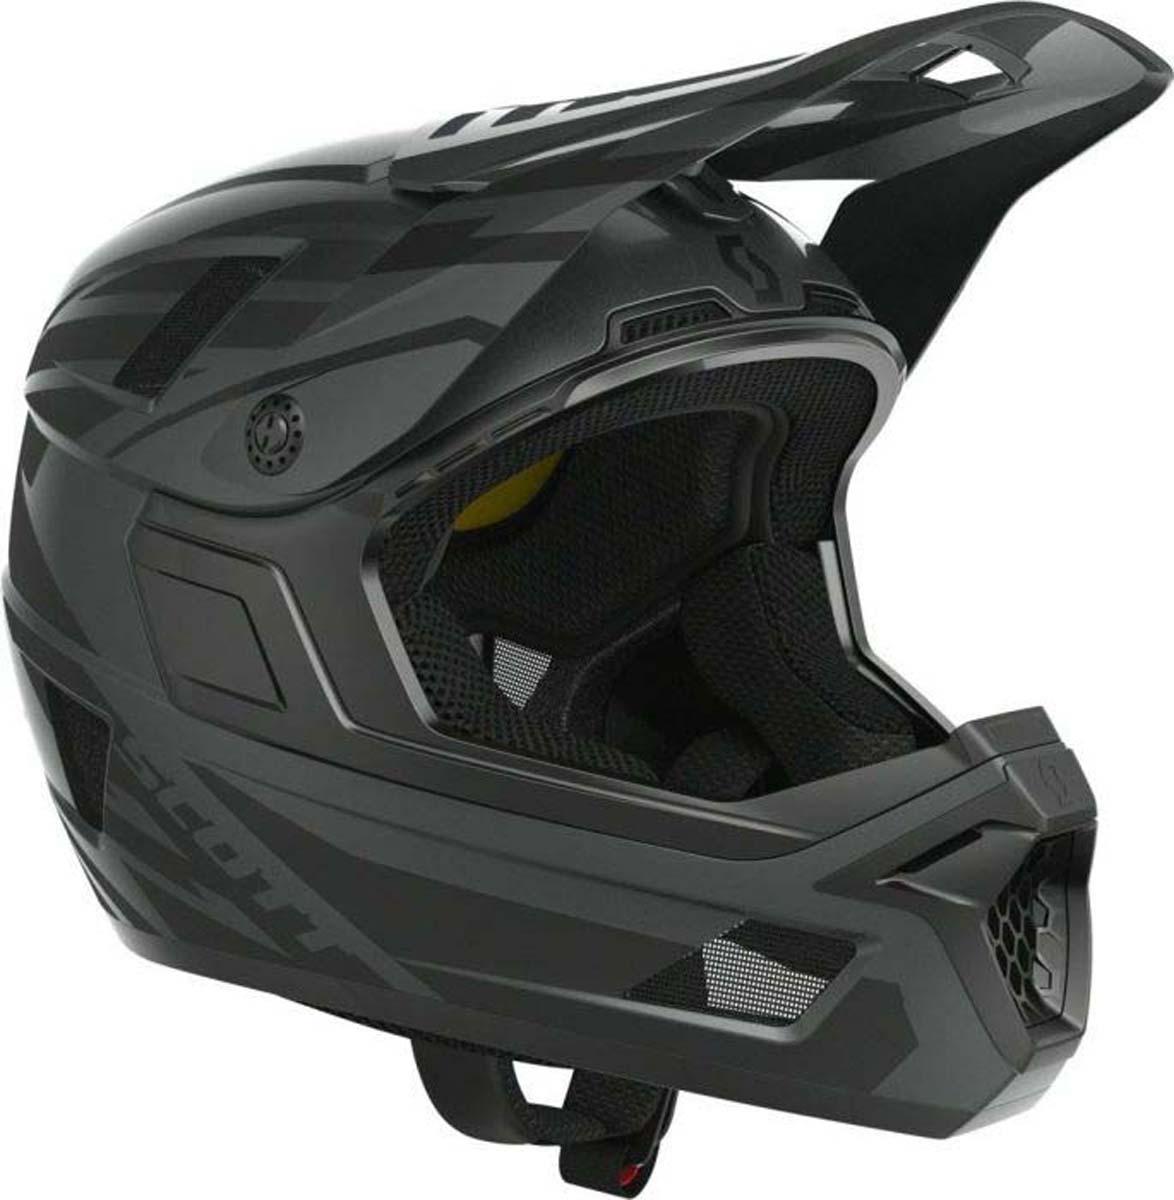 Шлем защитный Scott Nero Plus, цвет: черный. Размер M (57-58)265535-0001Nero PLUS - флагманский полнозащитный шлем, который идеально сочетает превосходную безопасность и отличную вентиляцию. Функции безопасности включают революционную систему защиты MIPS, улучшенную защиту от ударов в угловых ударах, безосколочный козырек и систему D-ring с большой нагрузкой. Массивные воздухозаборники на передней части шлема соединяются с глубокими каналами внутри корпуса шлема и 7 больших боковых и задних вентиляционных отверстий обеспечивают беспрецедентную вентиляцию.